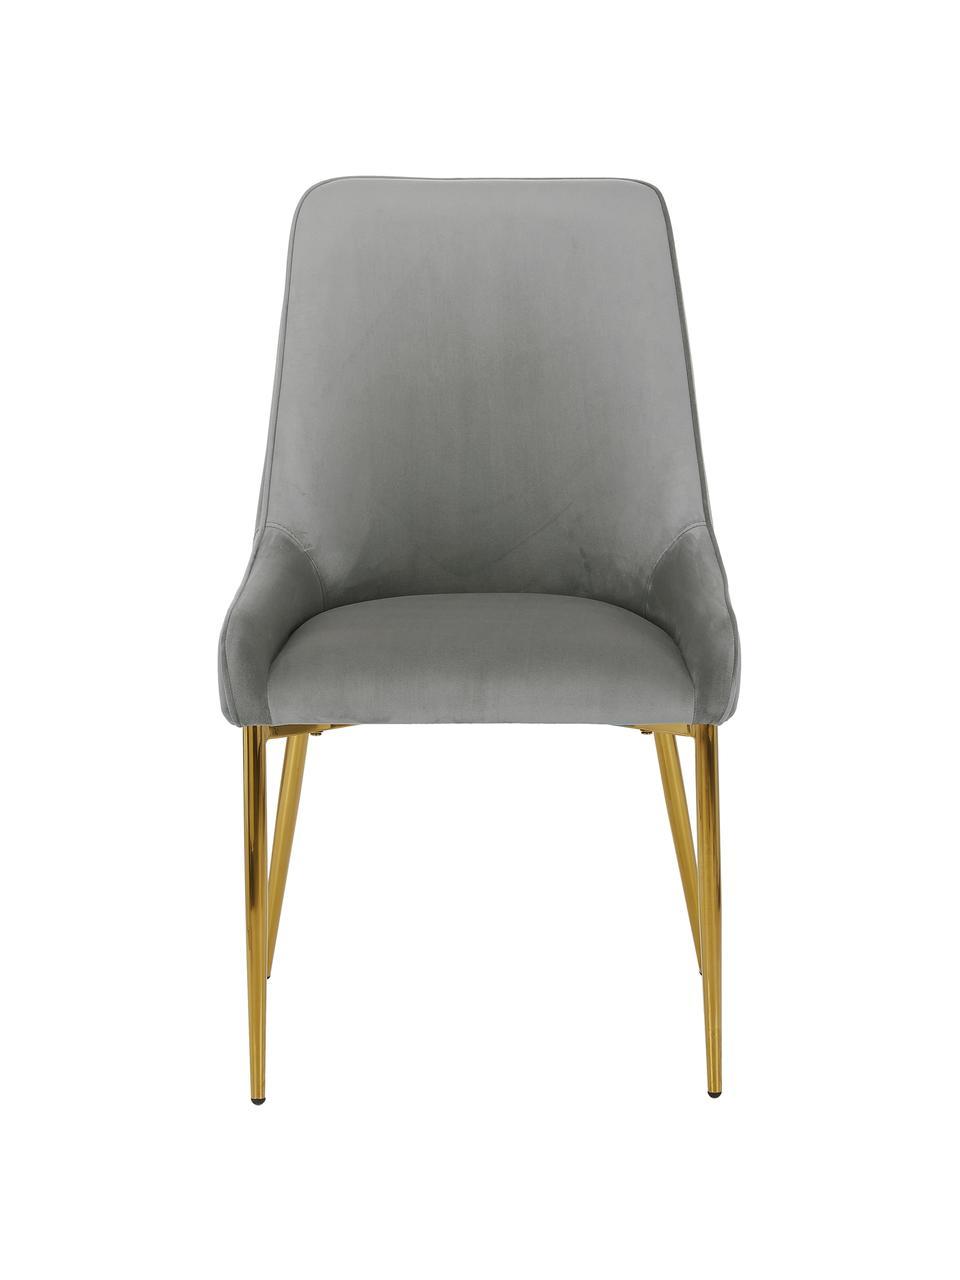 Samt-Polsterstuhl Ava in Grau, Bezug: Samt (100% Polyester) Der, Beine: Metall, galvanisiert, Samt Grau, B 53 x T 60 cm